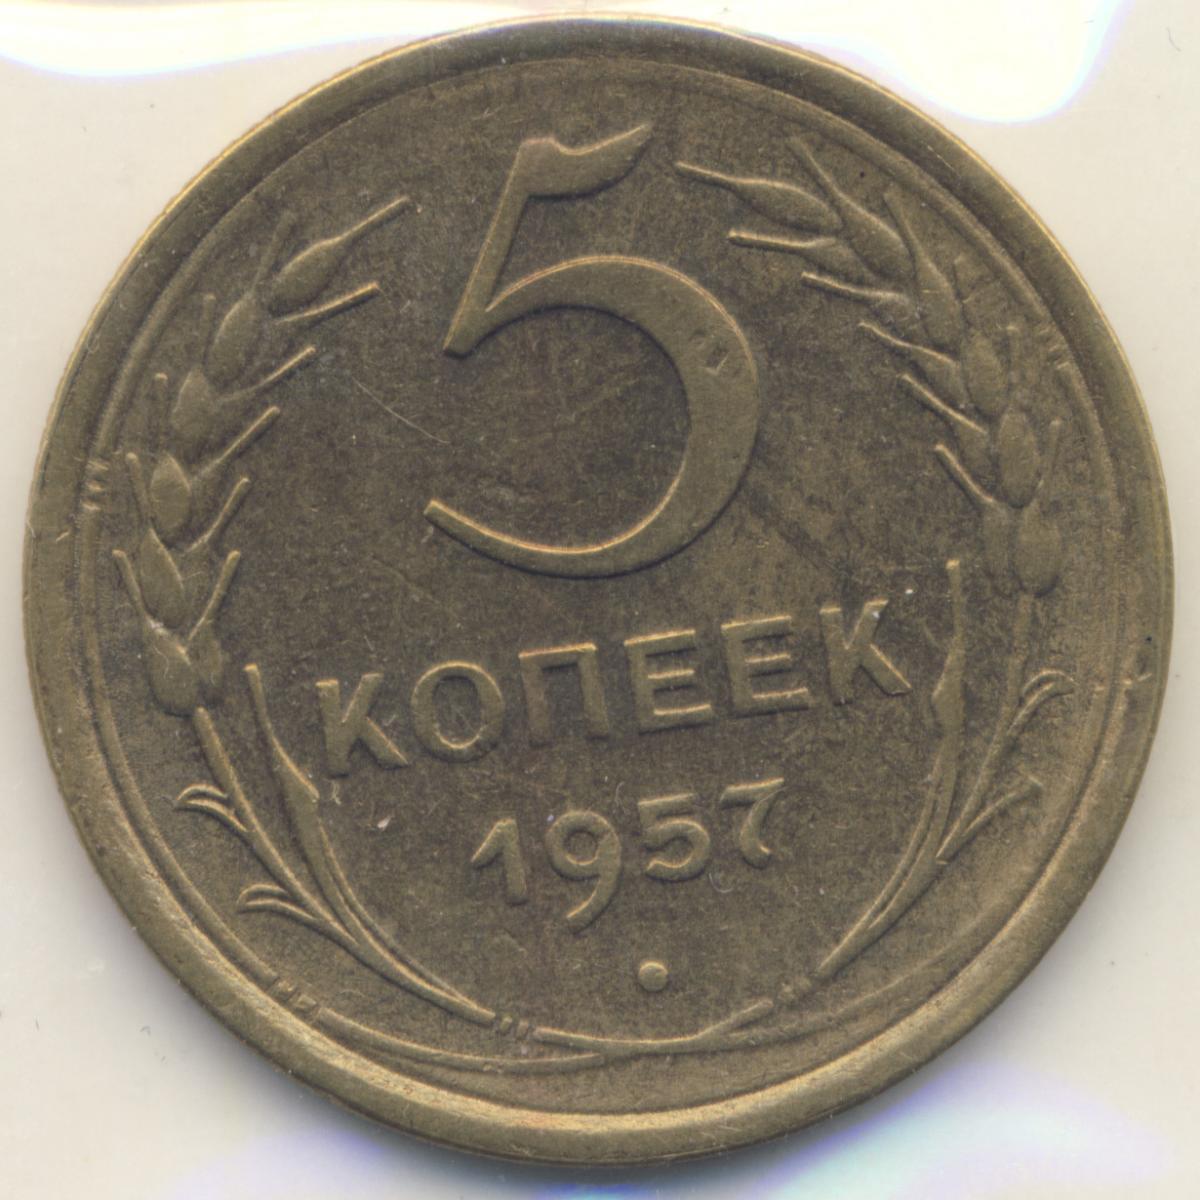 5 копеек 1957 г Полярный круг програвирован глубокой четкой линией